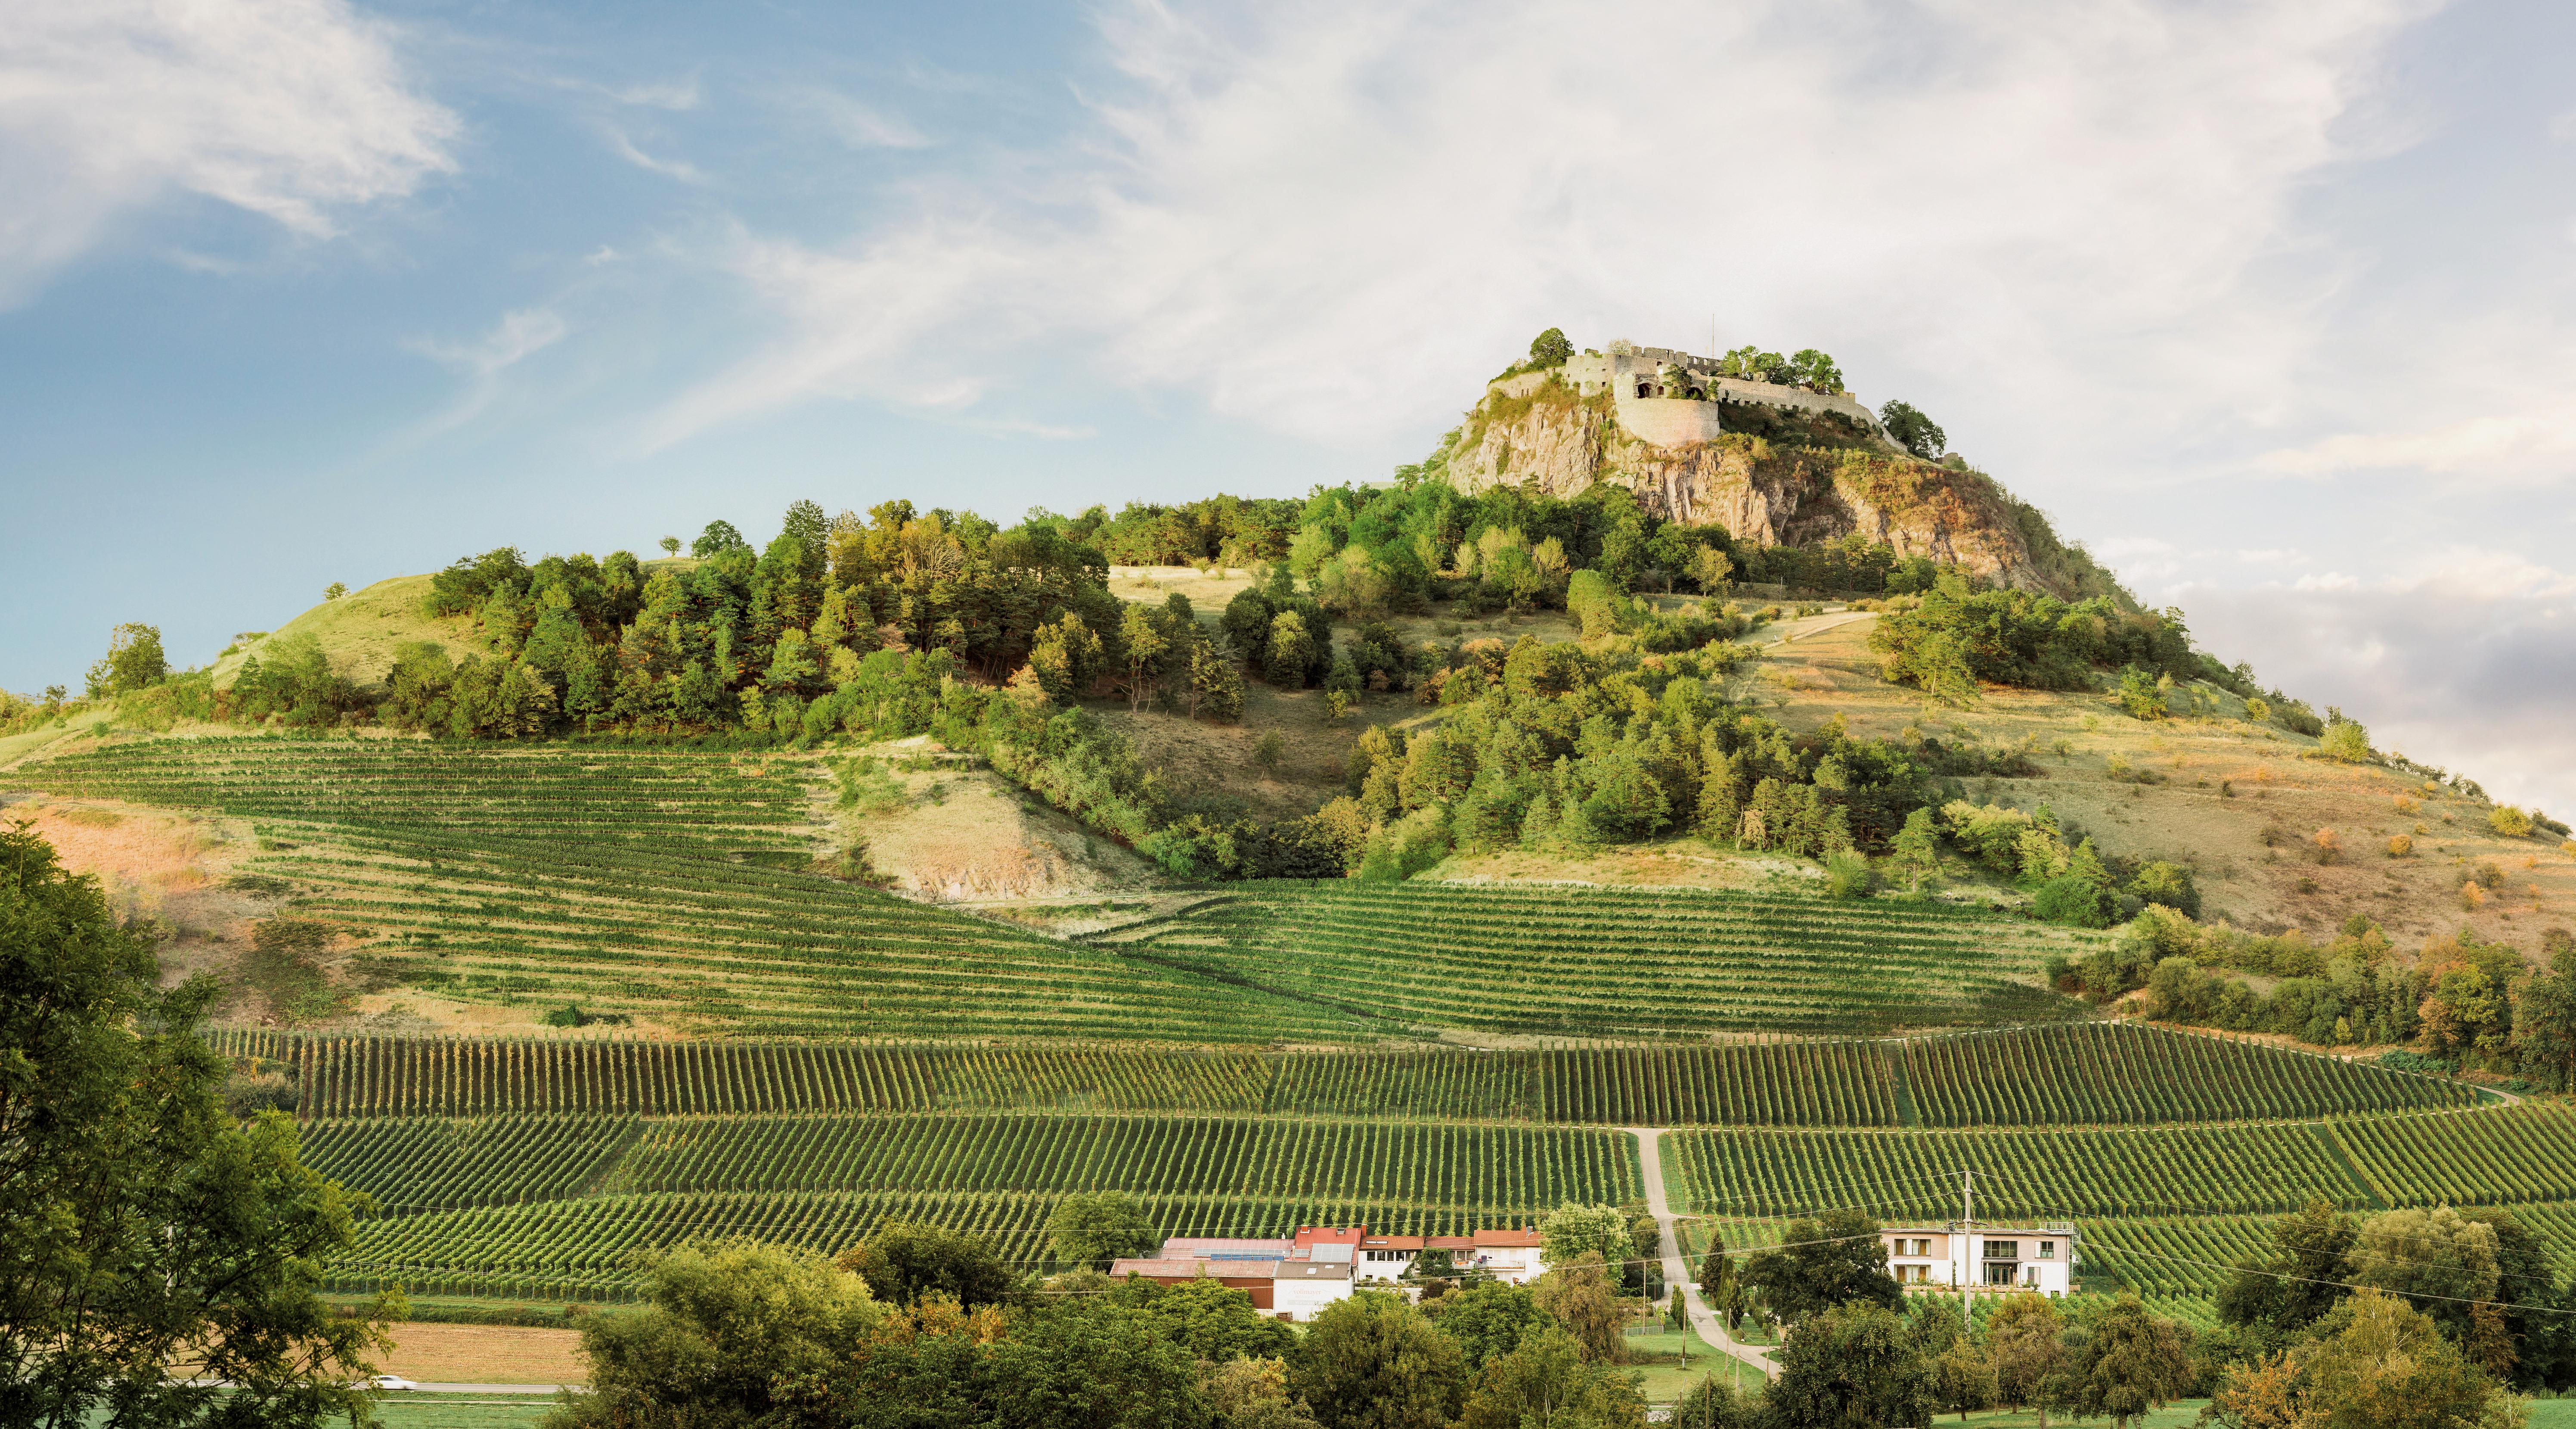 Weingut-Panorama